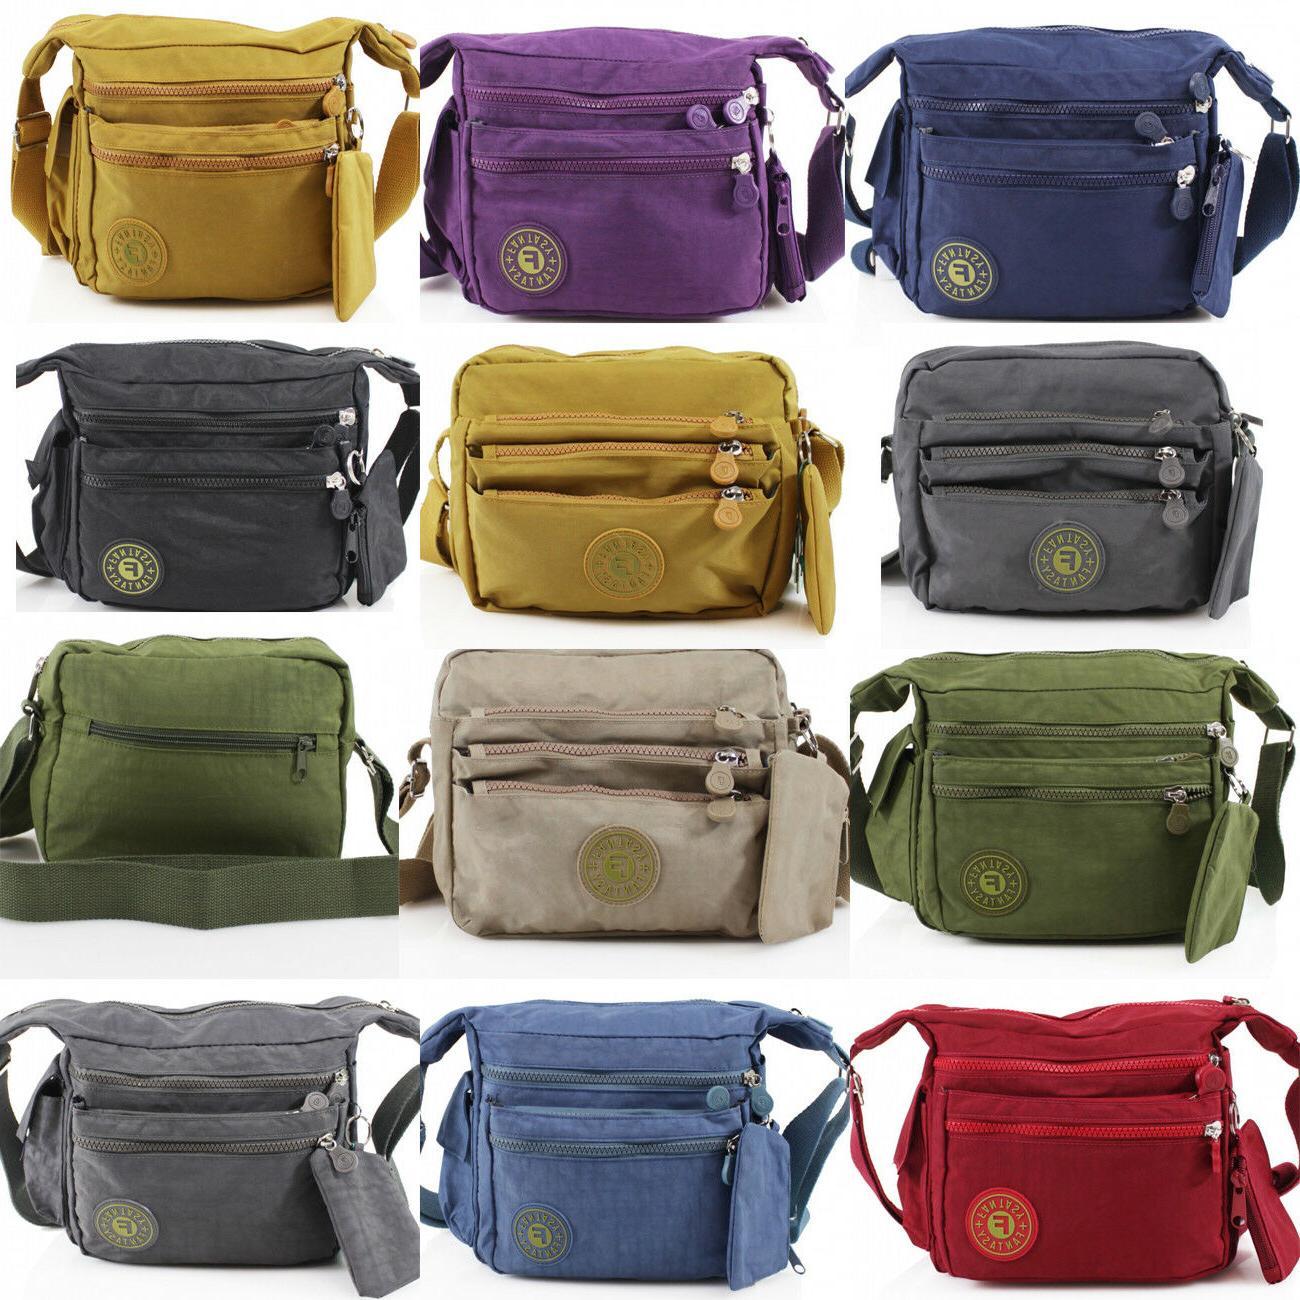 Women's Polyester Small Medium Cross Body Messenger Bag For